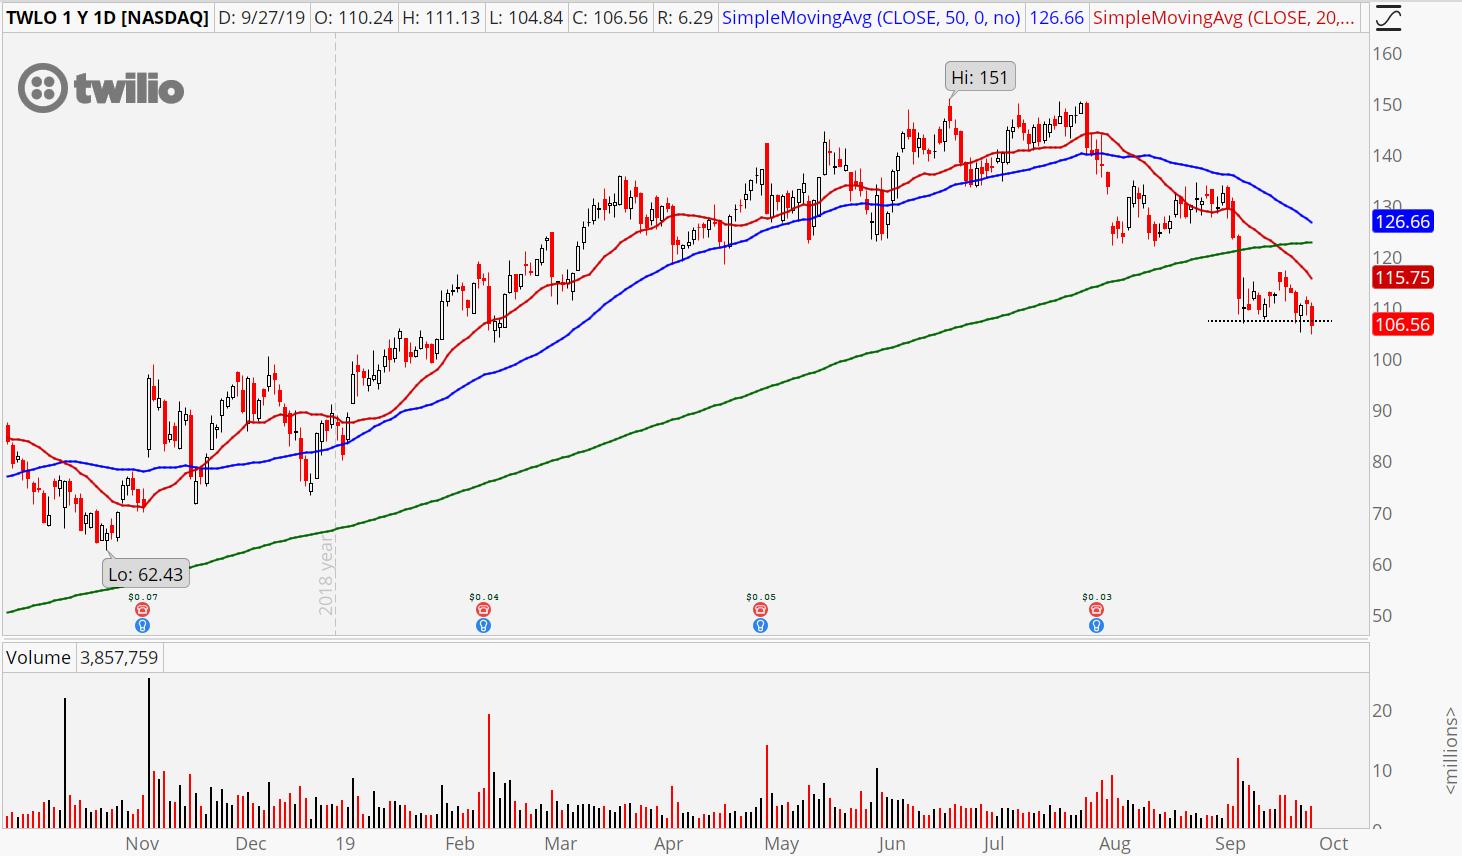 3 Software Stocks to Sell: Twilio (TWLO)